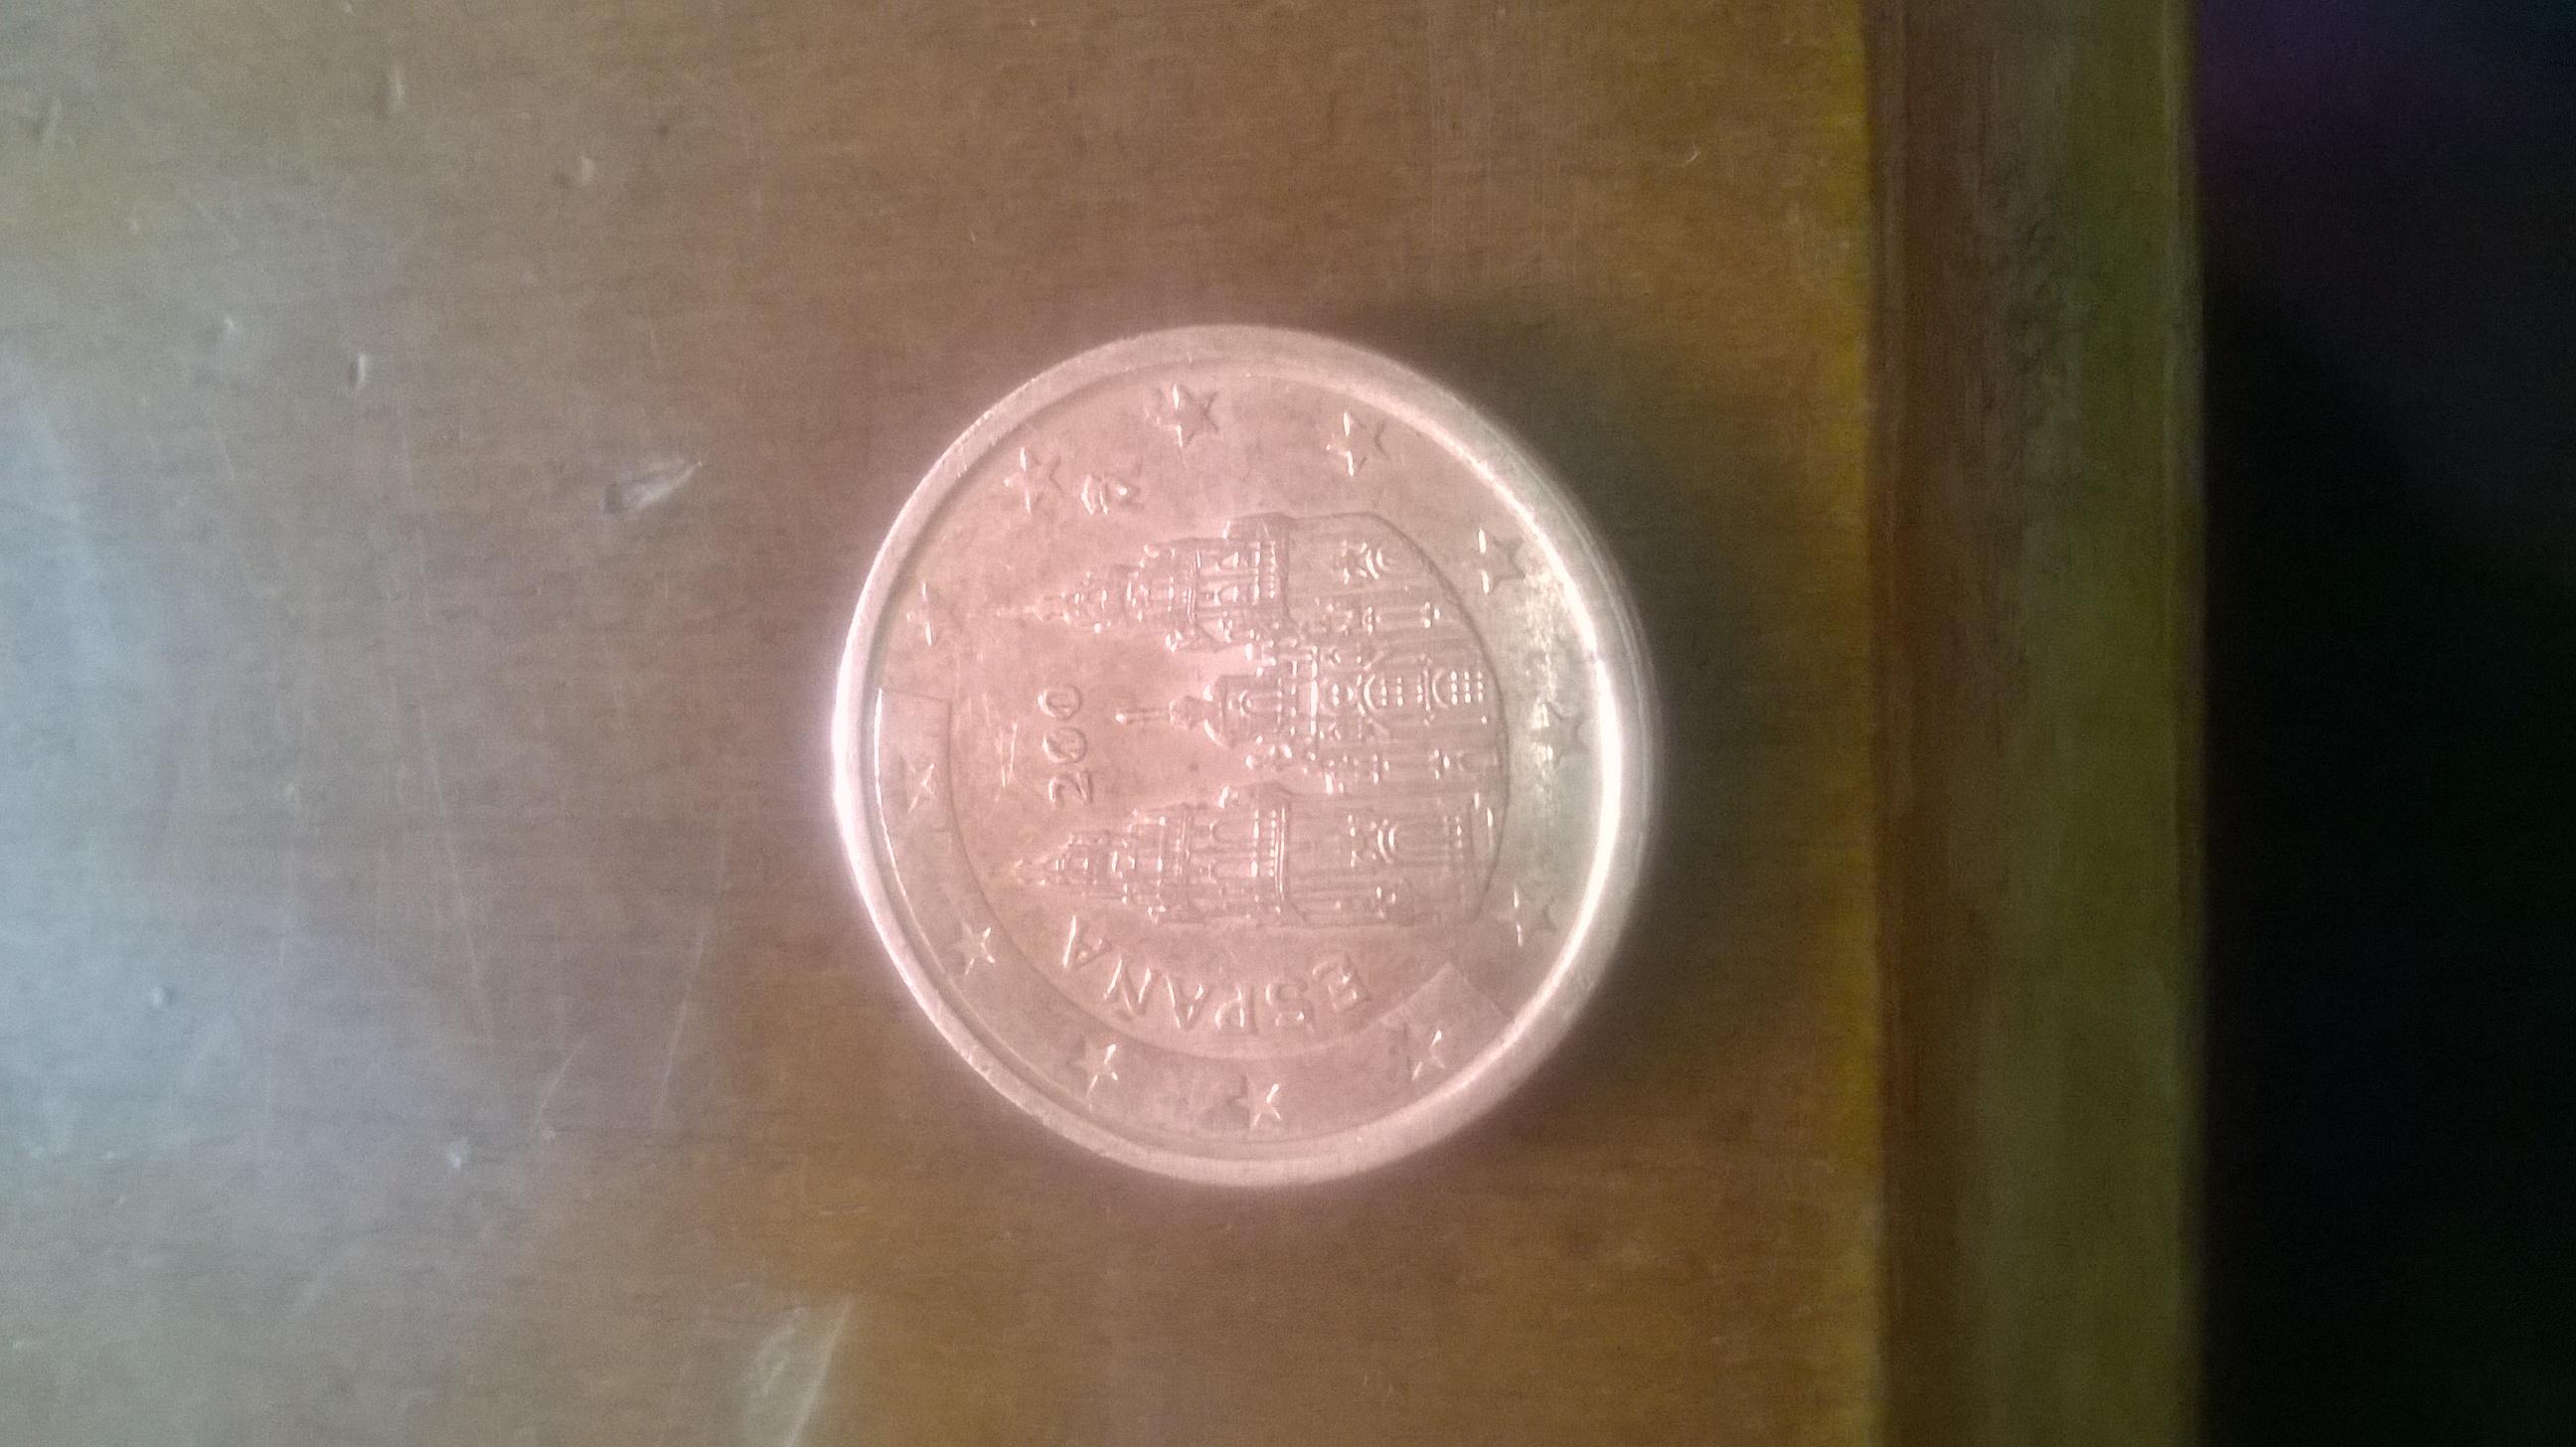 Fehlprägung 2 Cent Spanien